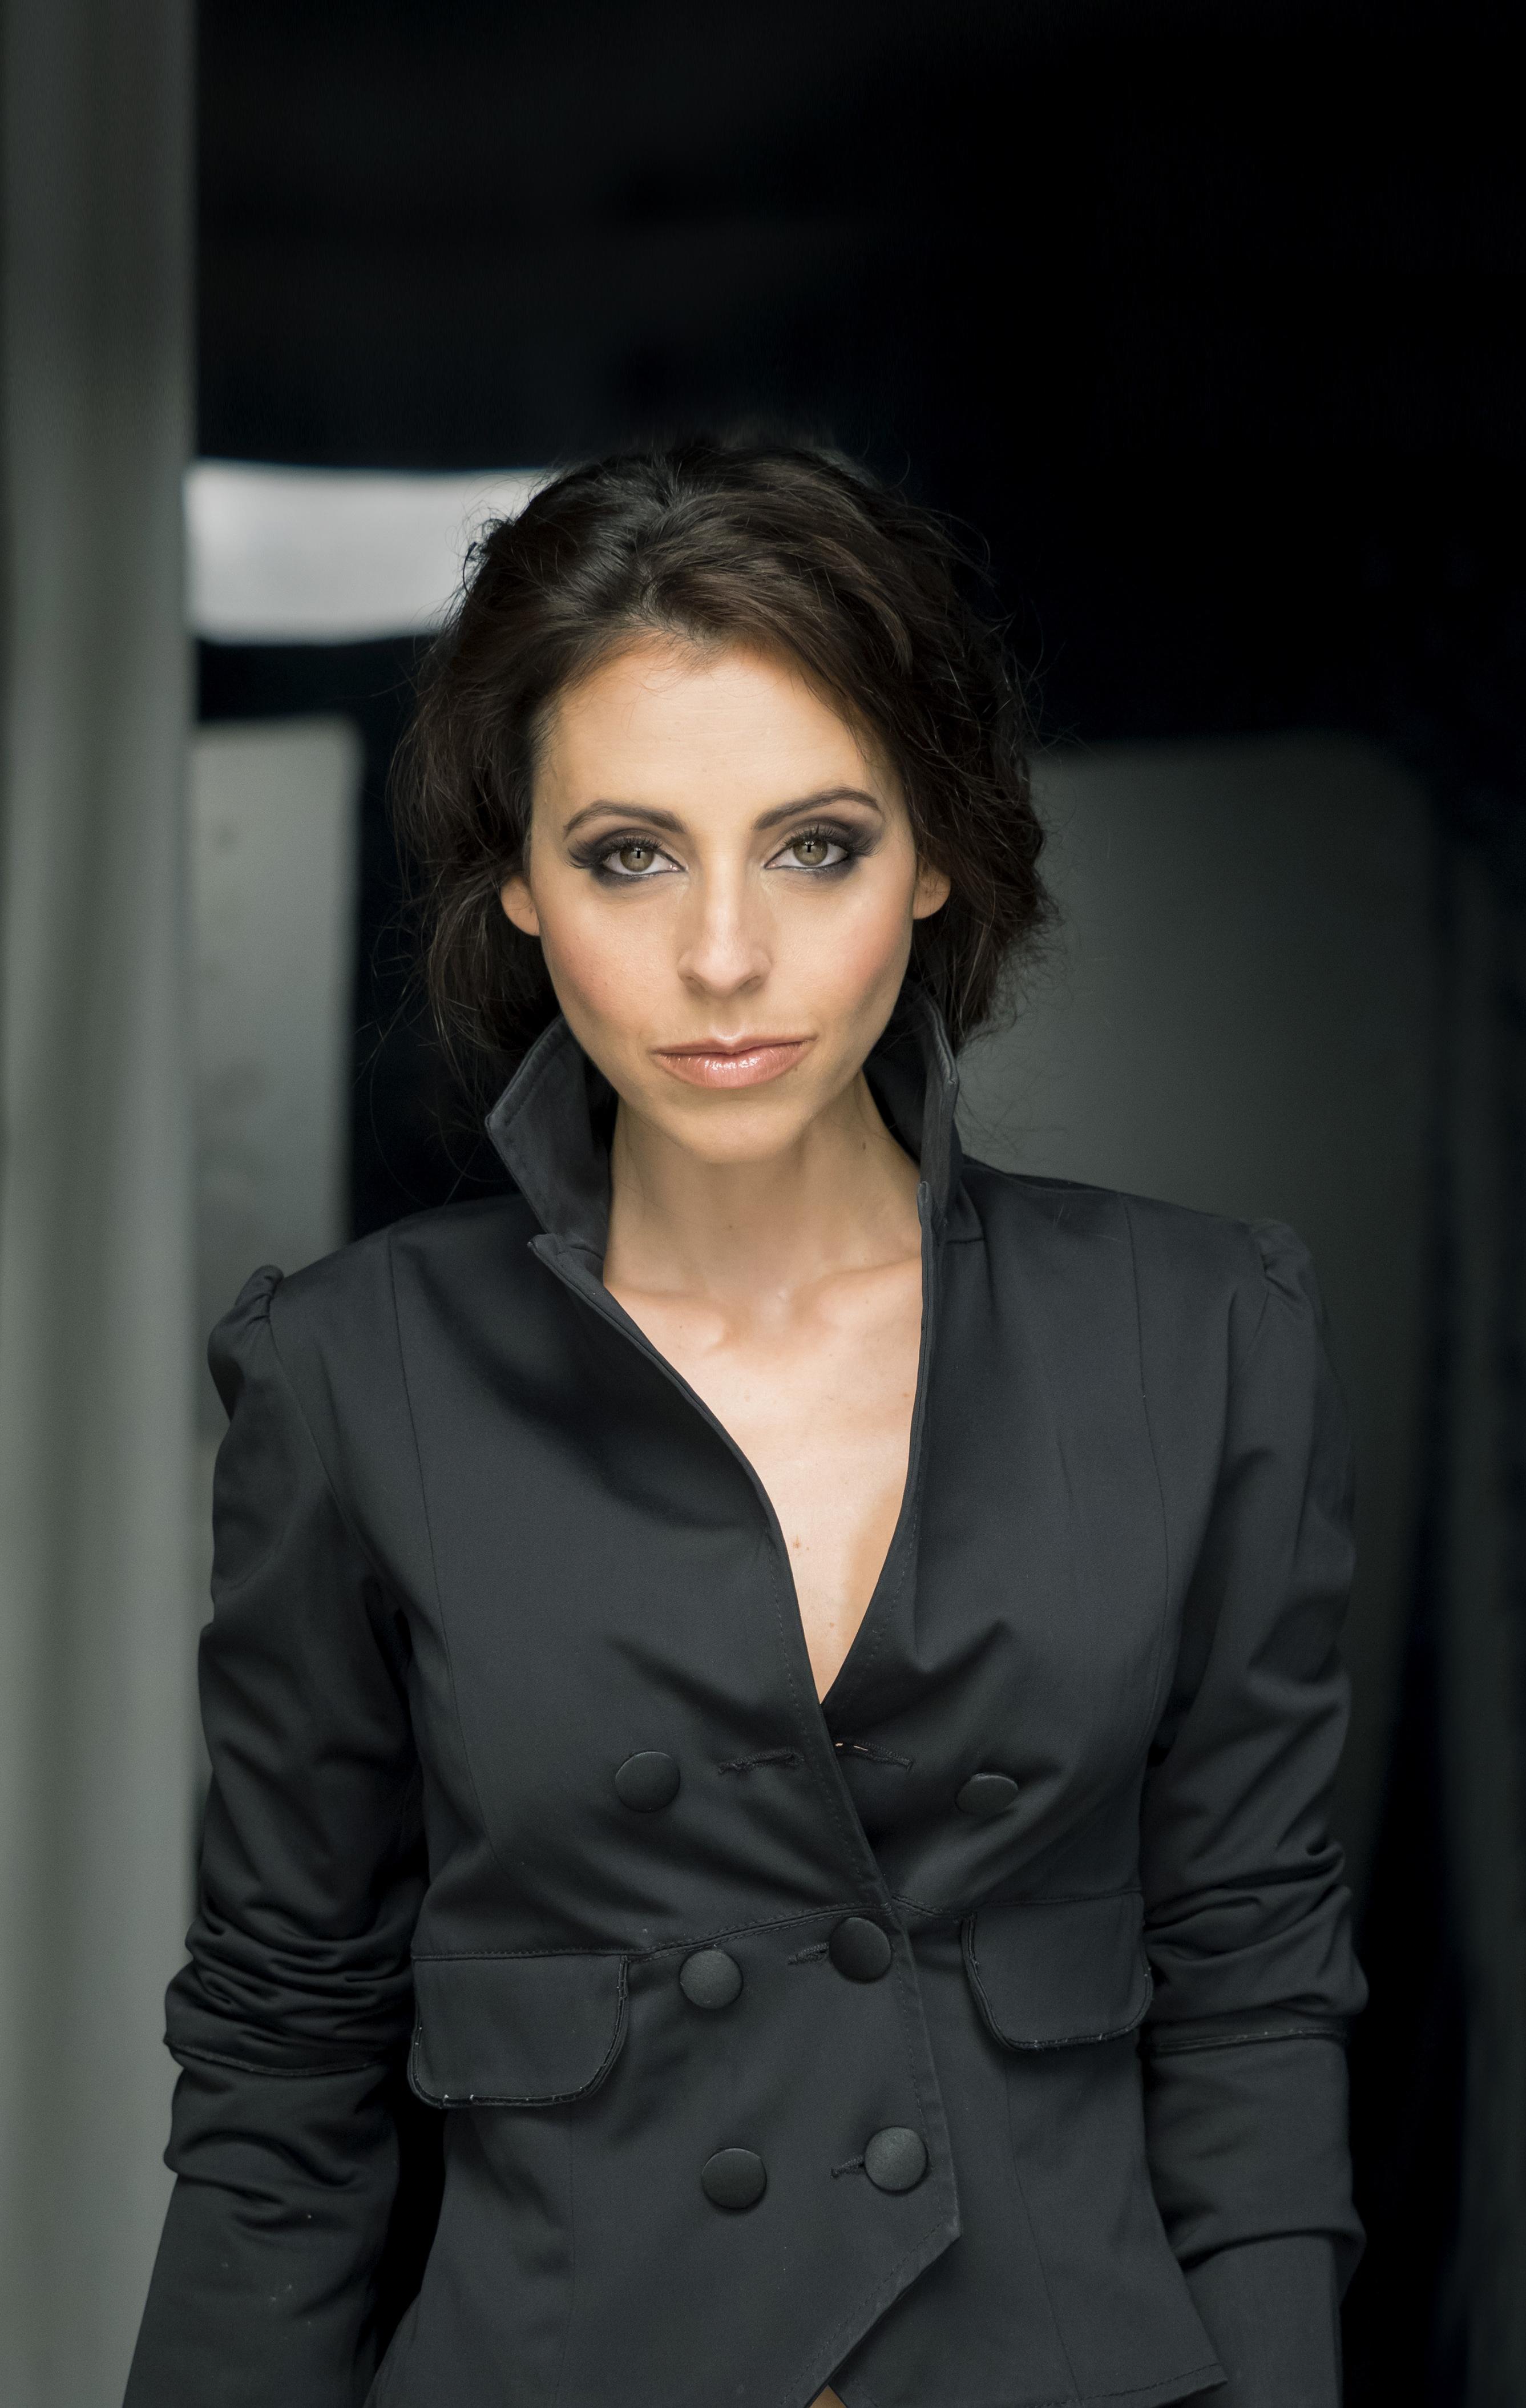 Yolanda Font Actress 11